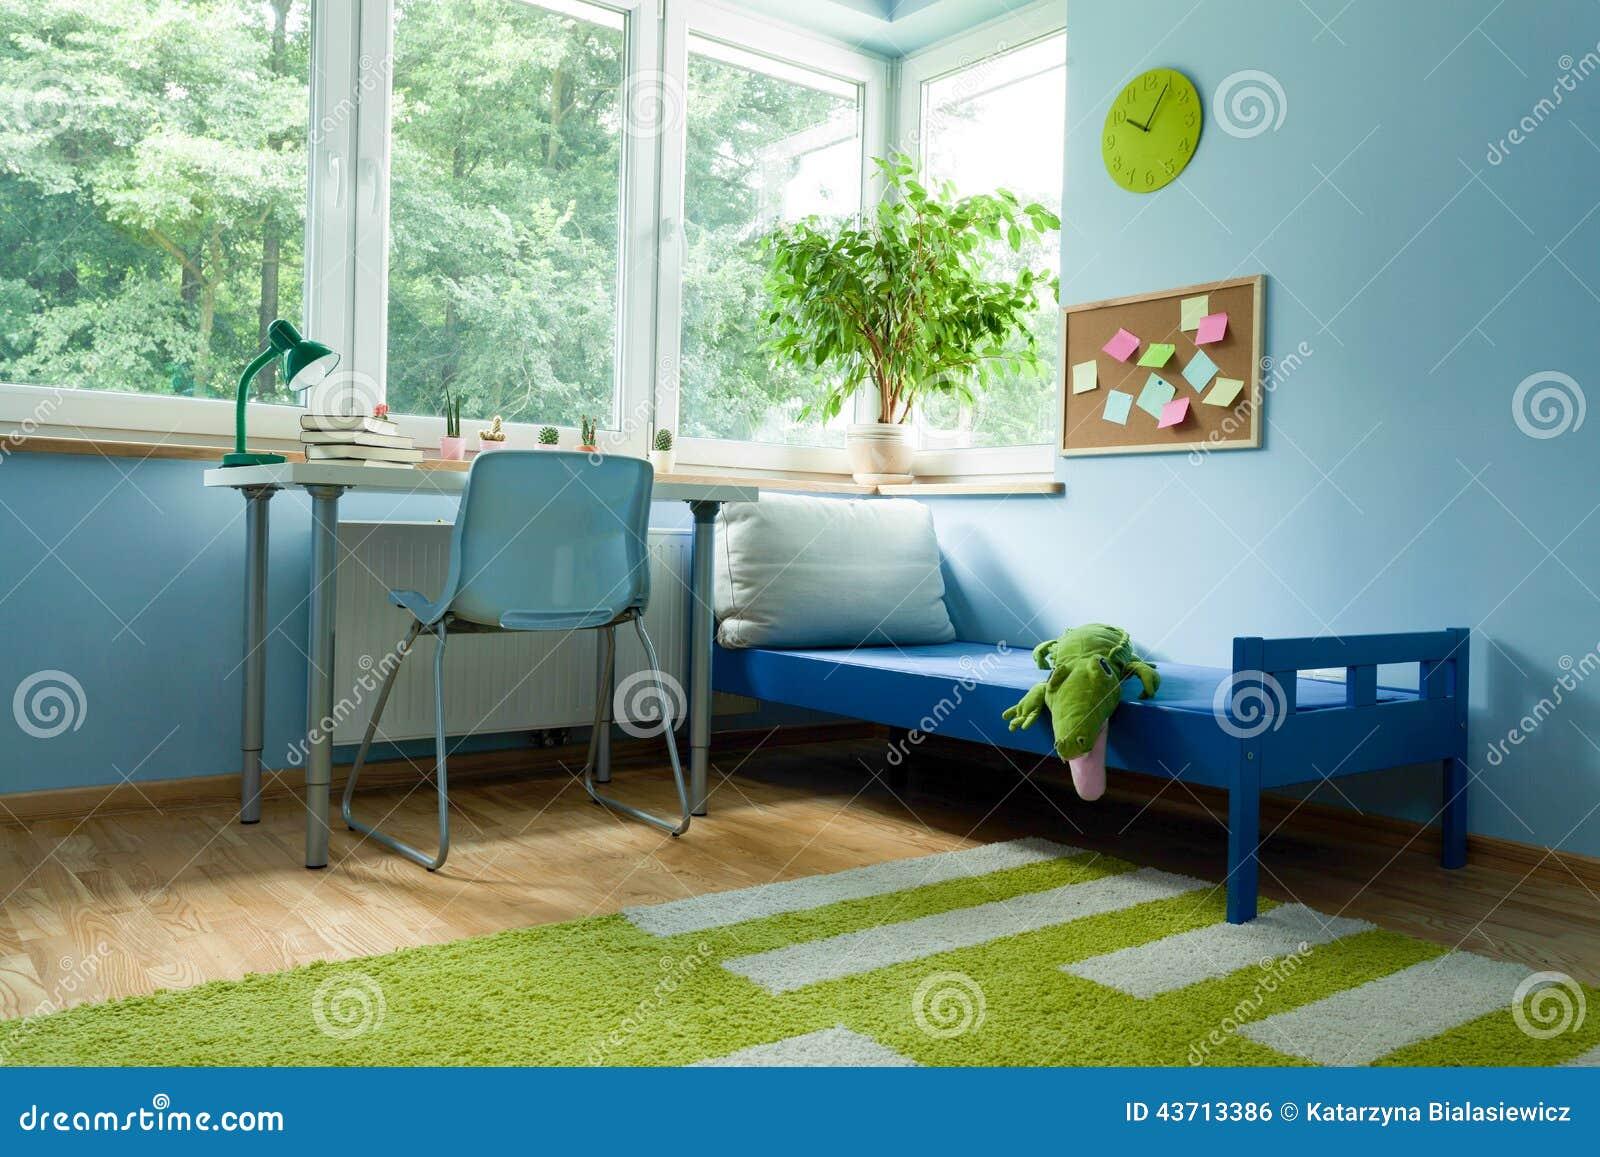 Schreibtisch Nahe Zum Jungenbett Stockfoto - Bild: 43713386